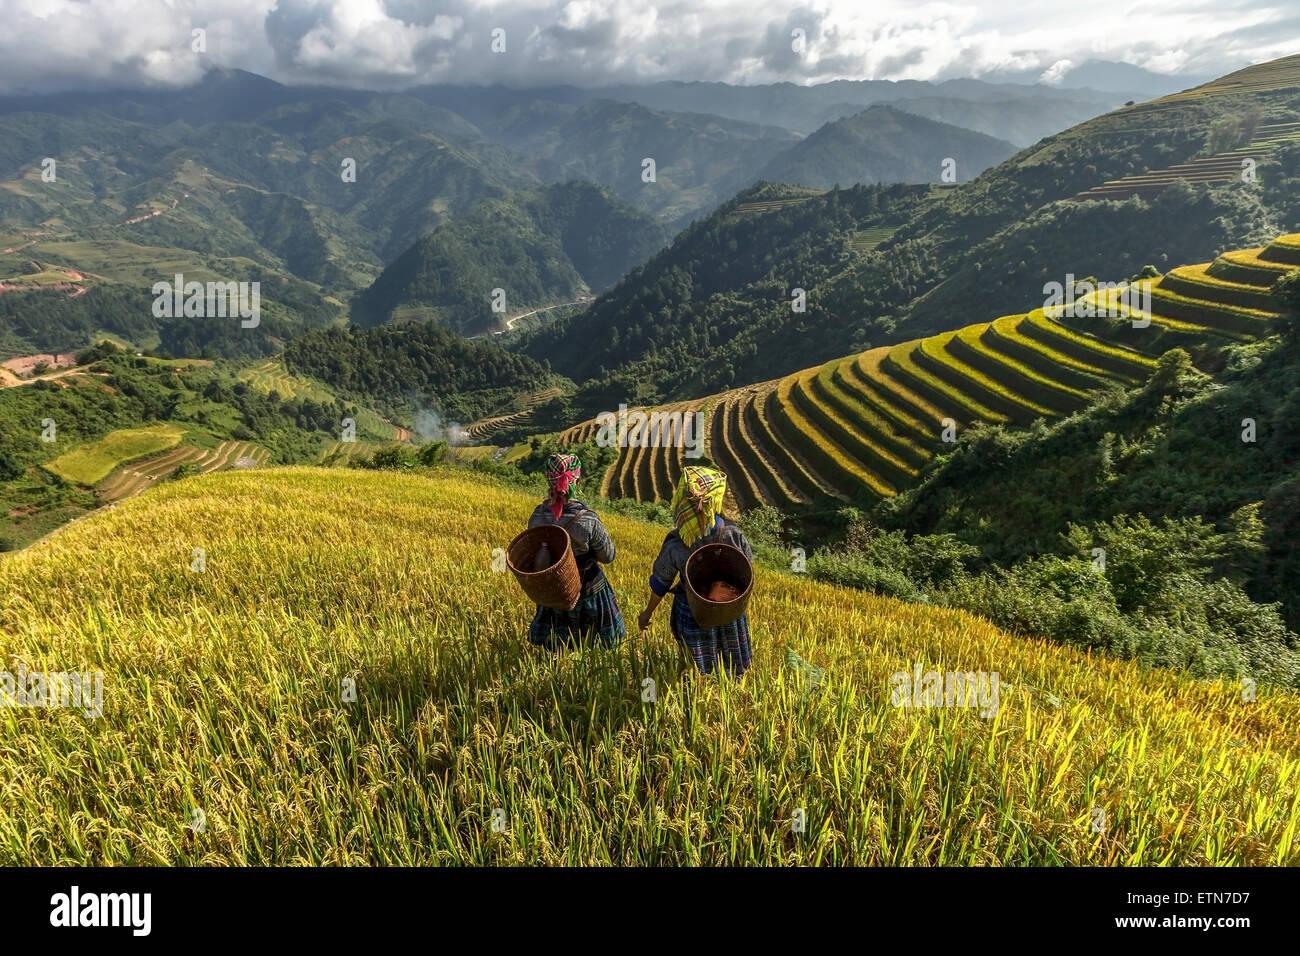 Two women on terraced rice fields, Mu Cang Chai, YenBai, Vietnam - Stock Image